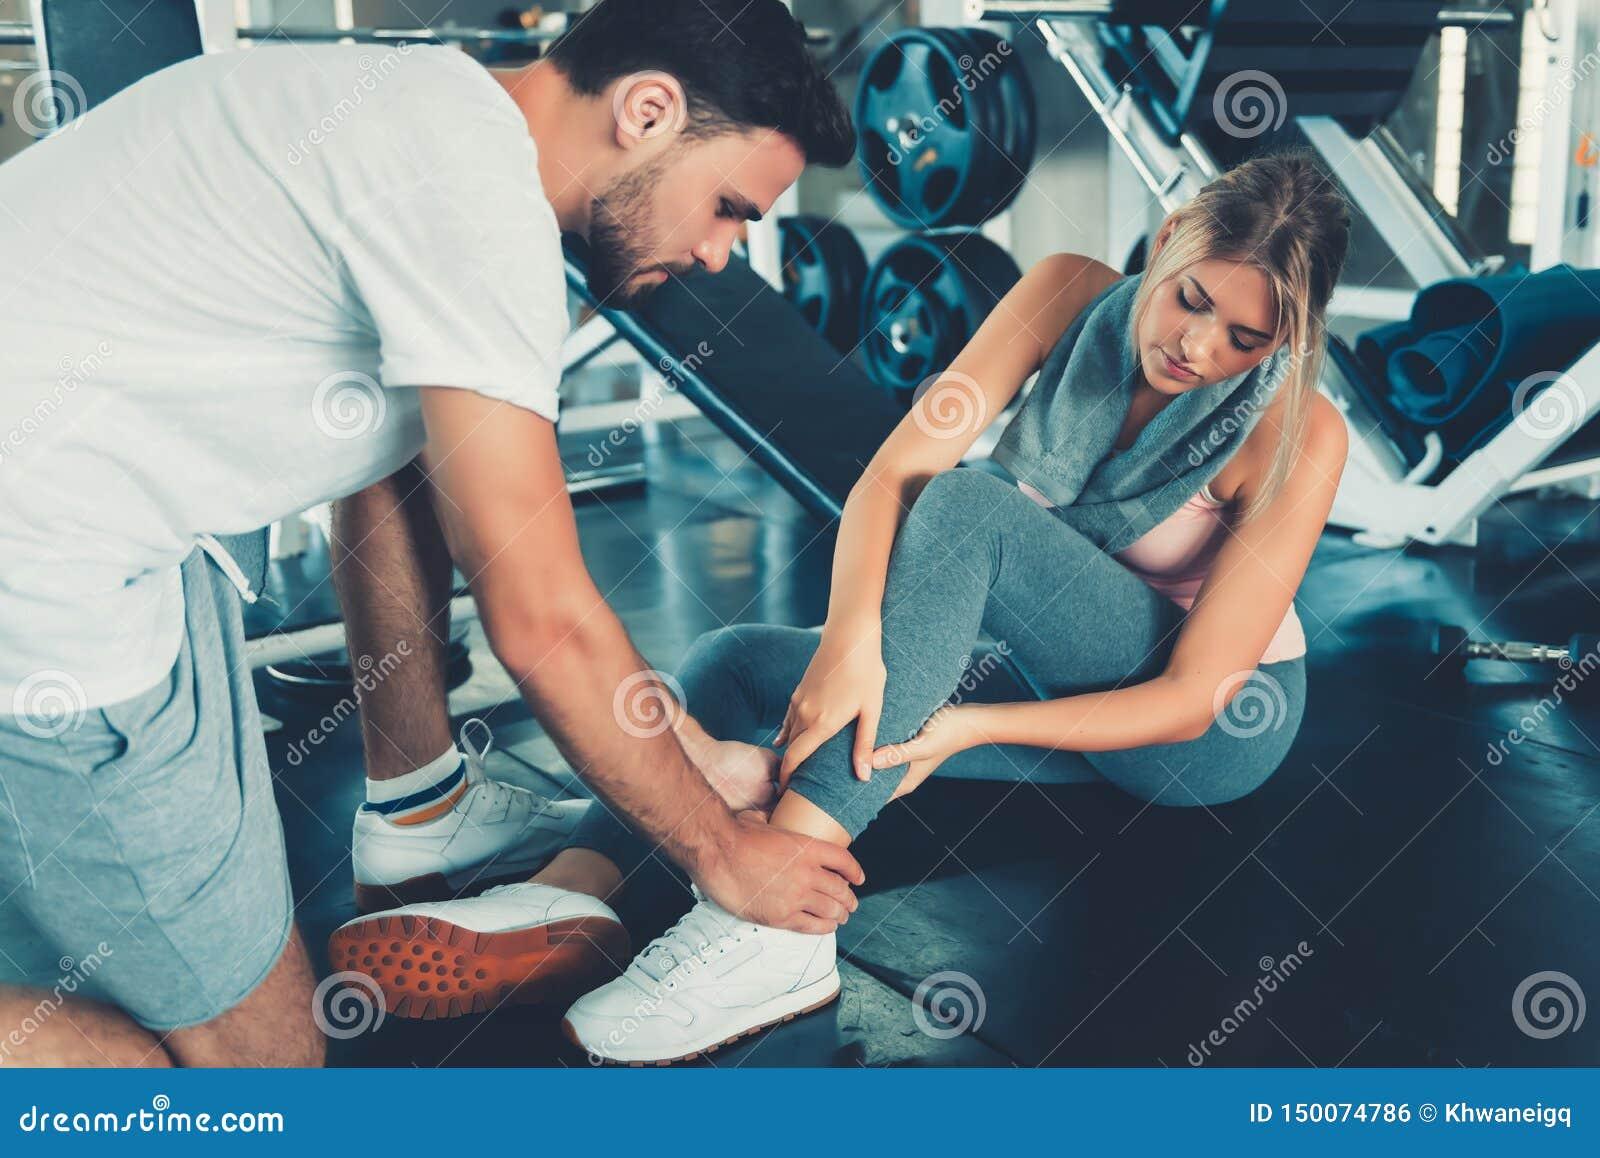 N?tt kvinna som har skada under ?vning i idrottshall medan hennes par som tar f?rsta hj?lpen-, olycks- och sportkonditionbegrepp